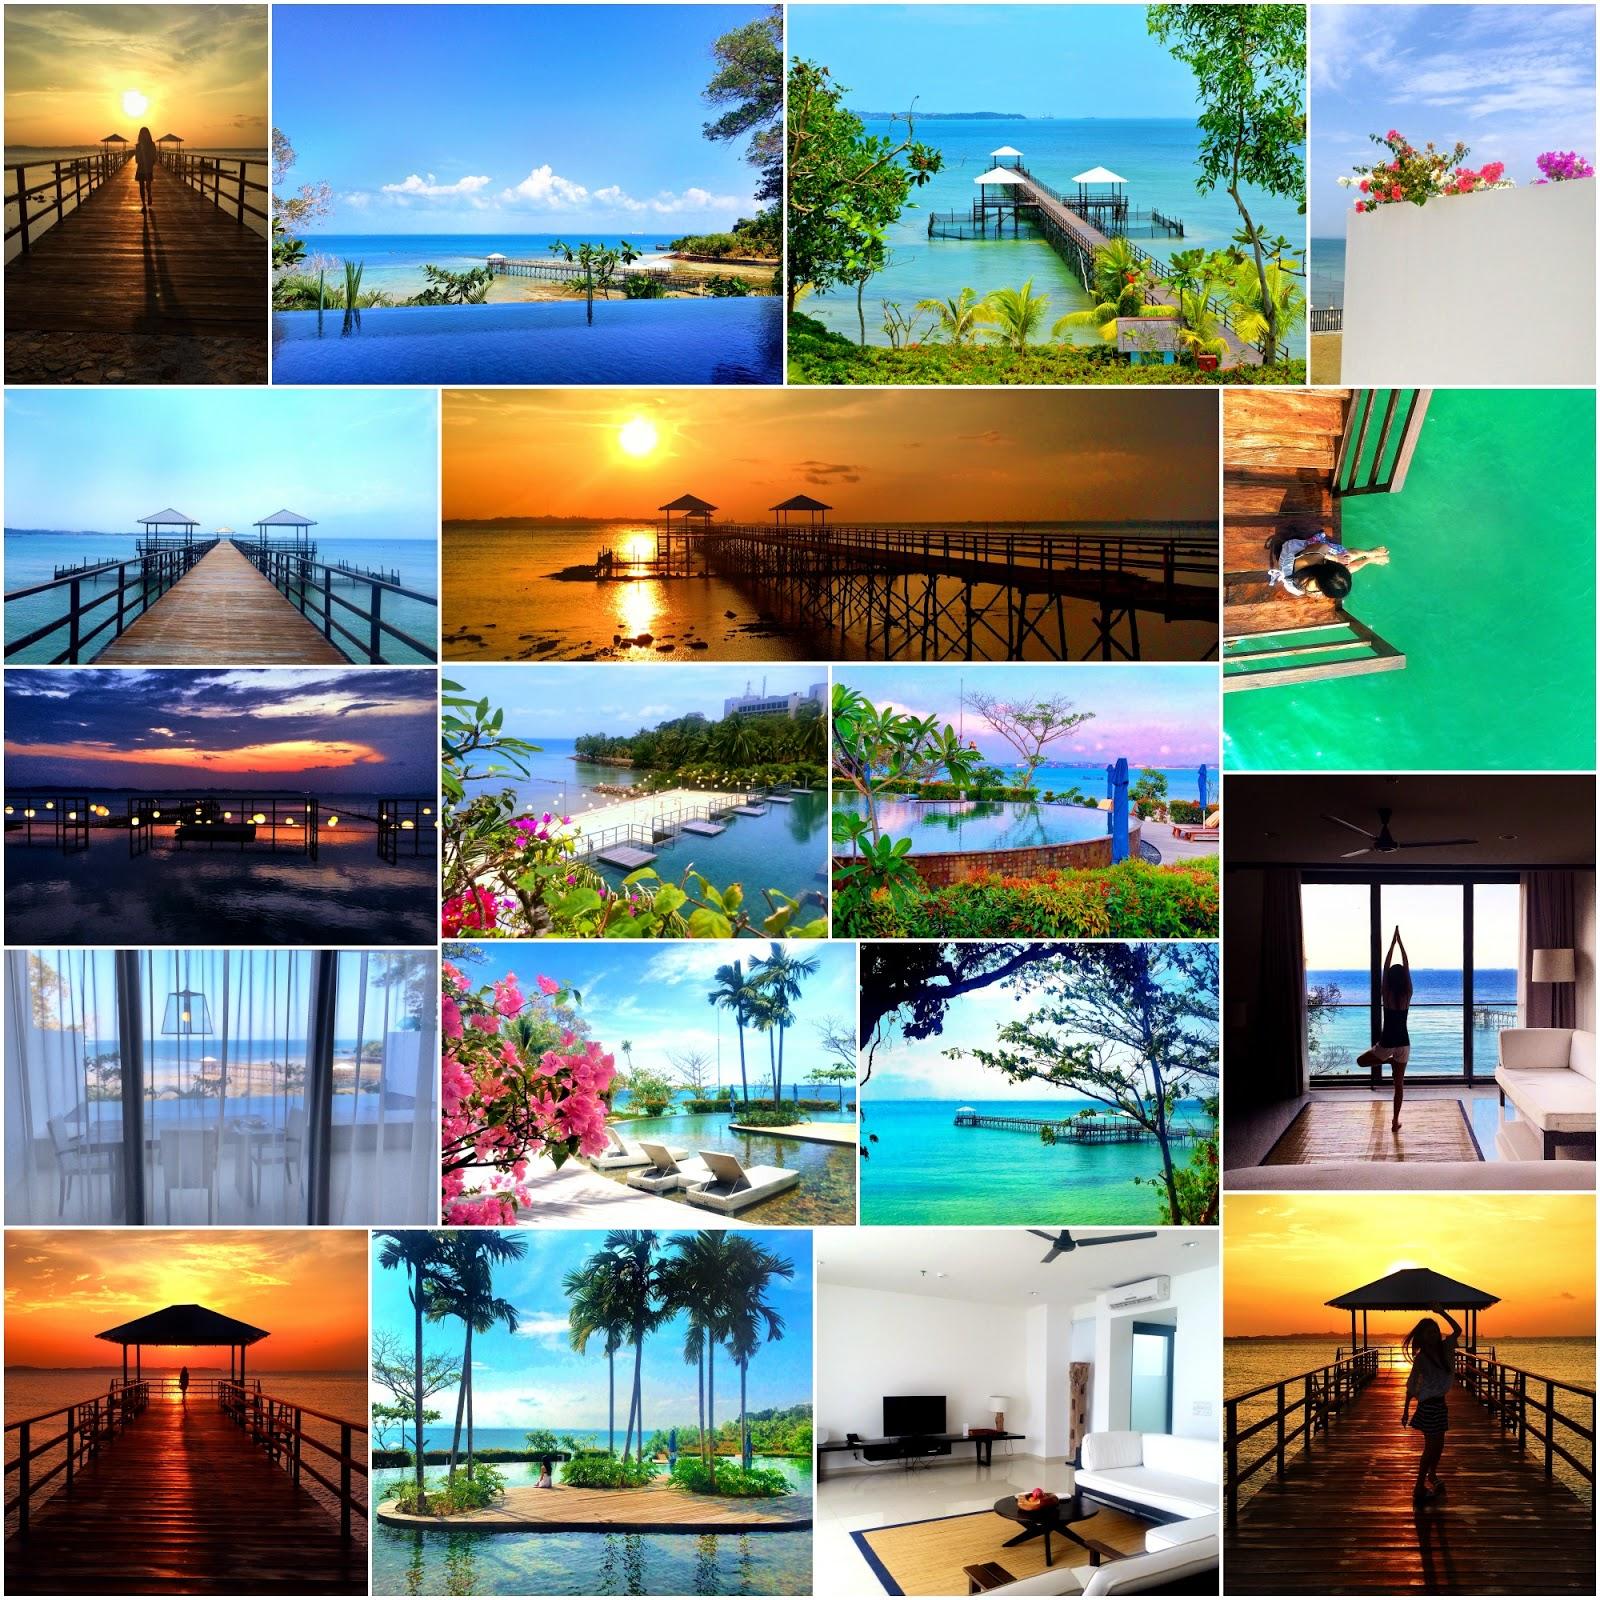 巴淡島:Montigo Resorts Nongsa Batam - 酒店及房間介紹